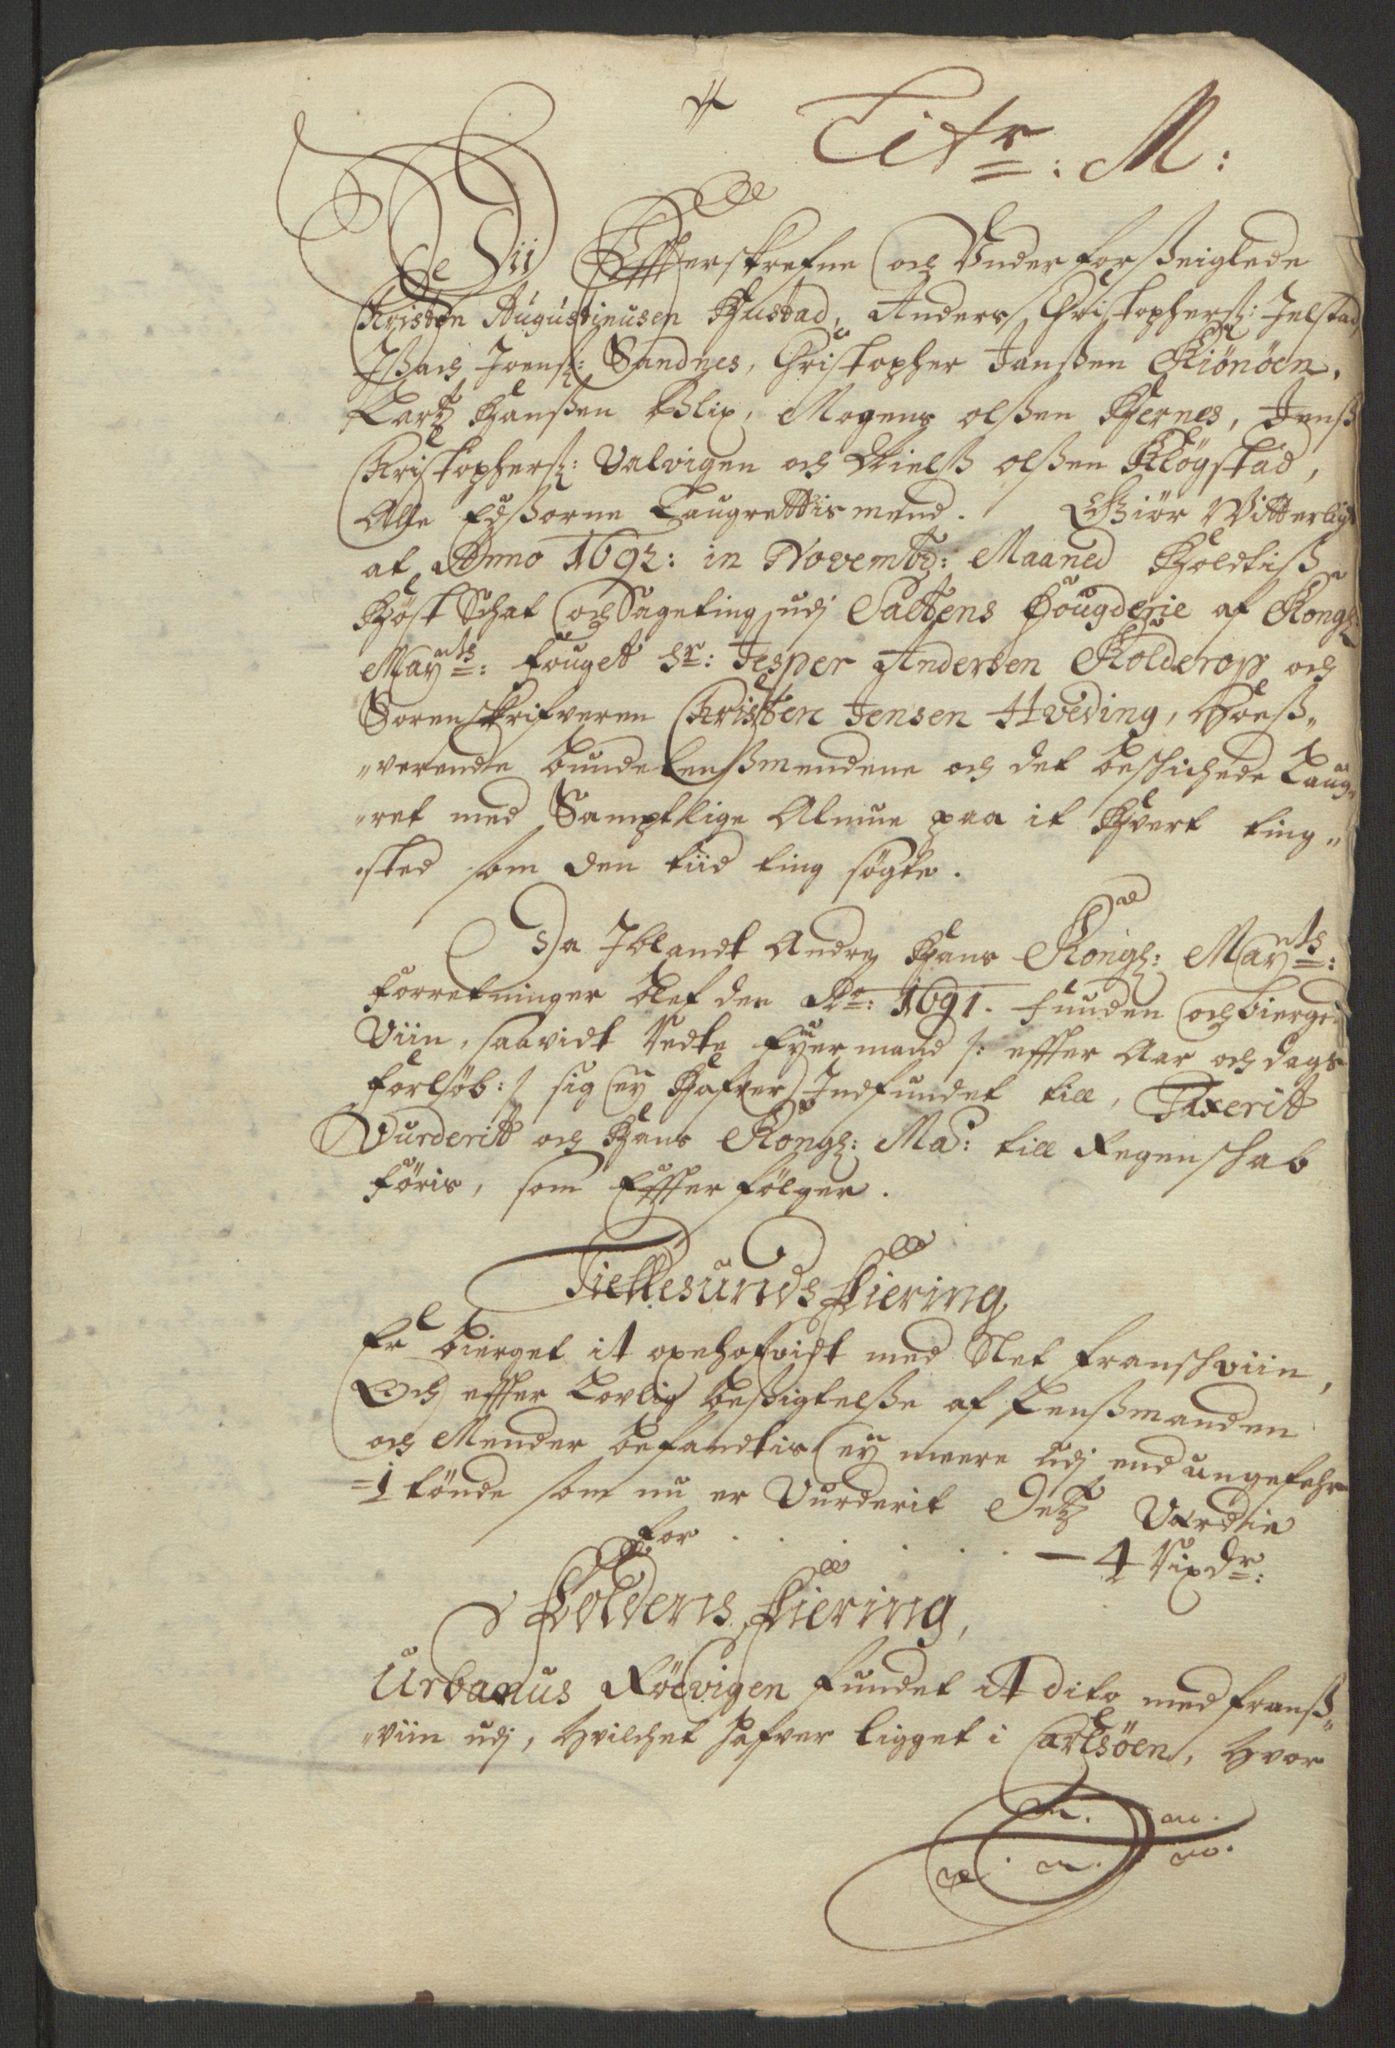 RA, Rentekammeret inntil 1814, Reviderte regnskaper, Fogderegnskap, R66/L4577: Fogderegnskap Salten, 1691-1693, s. 235